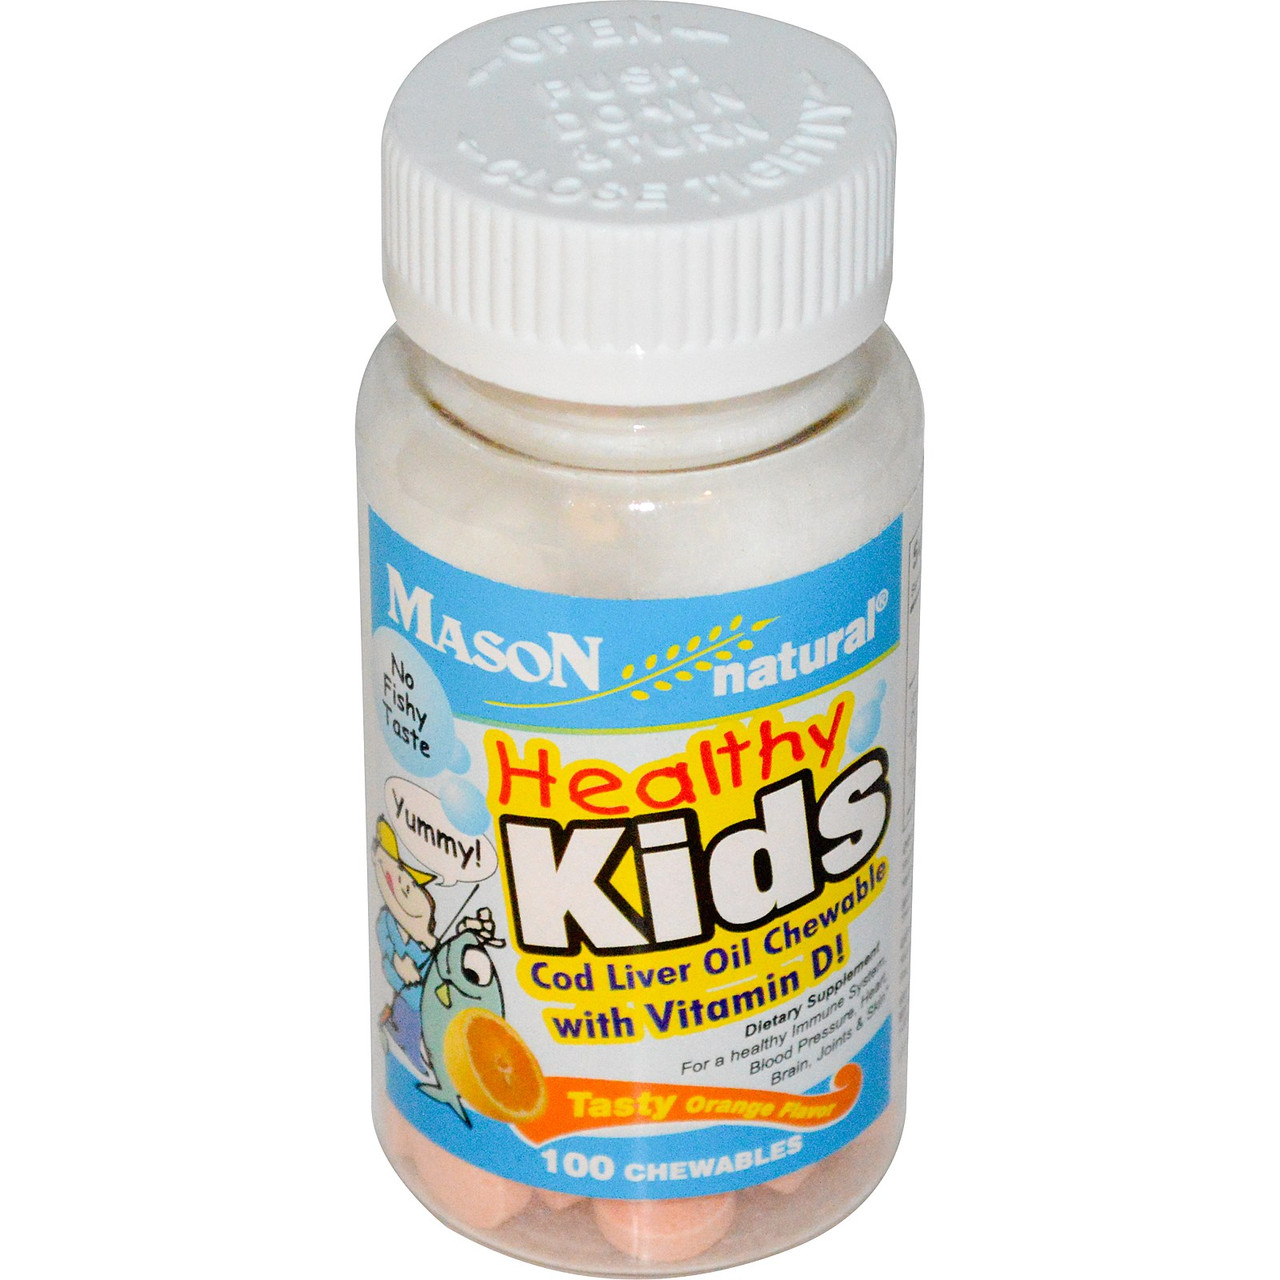 Mason Naturals  Healthy Kids Cod Liver Oil Chewable Витамины детские рыбий жир жевательный + витамины  -100 шт